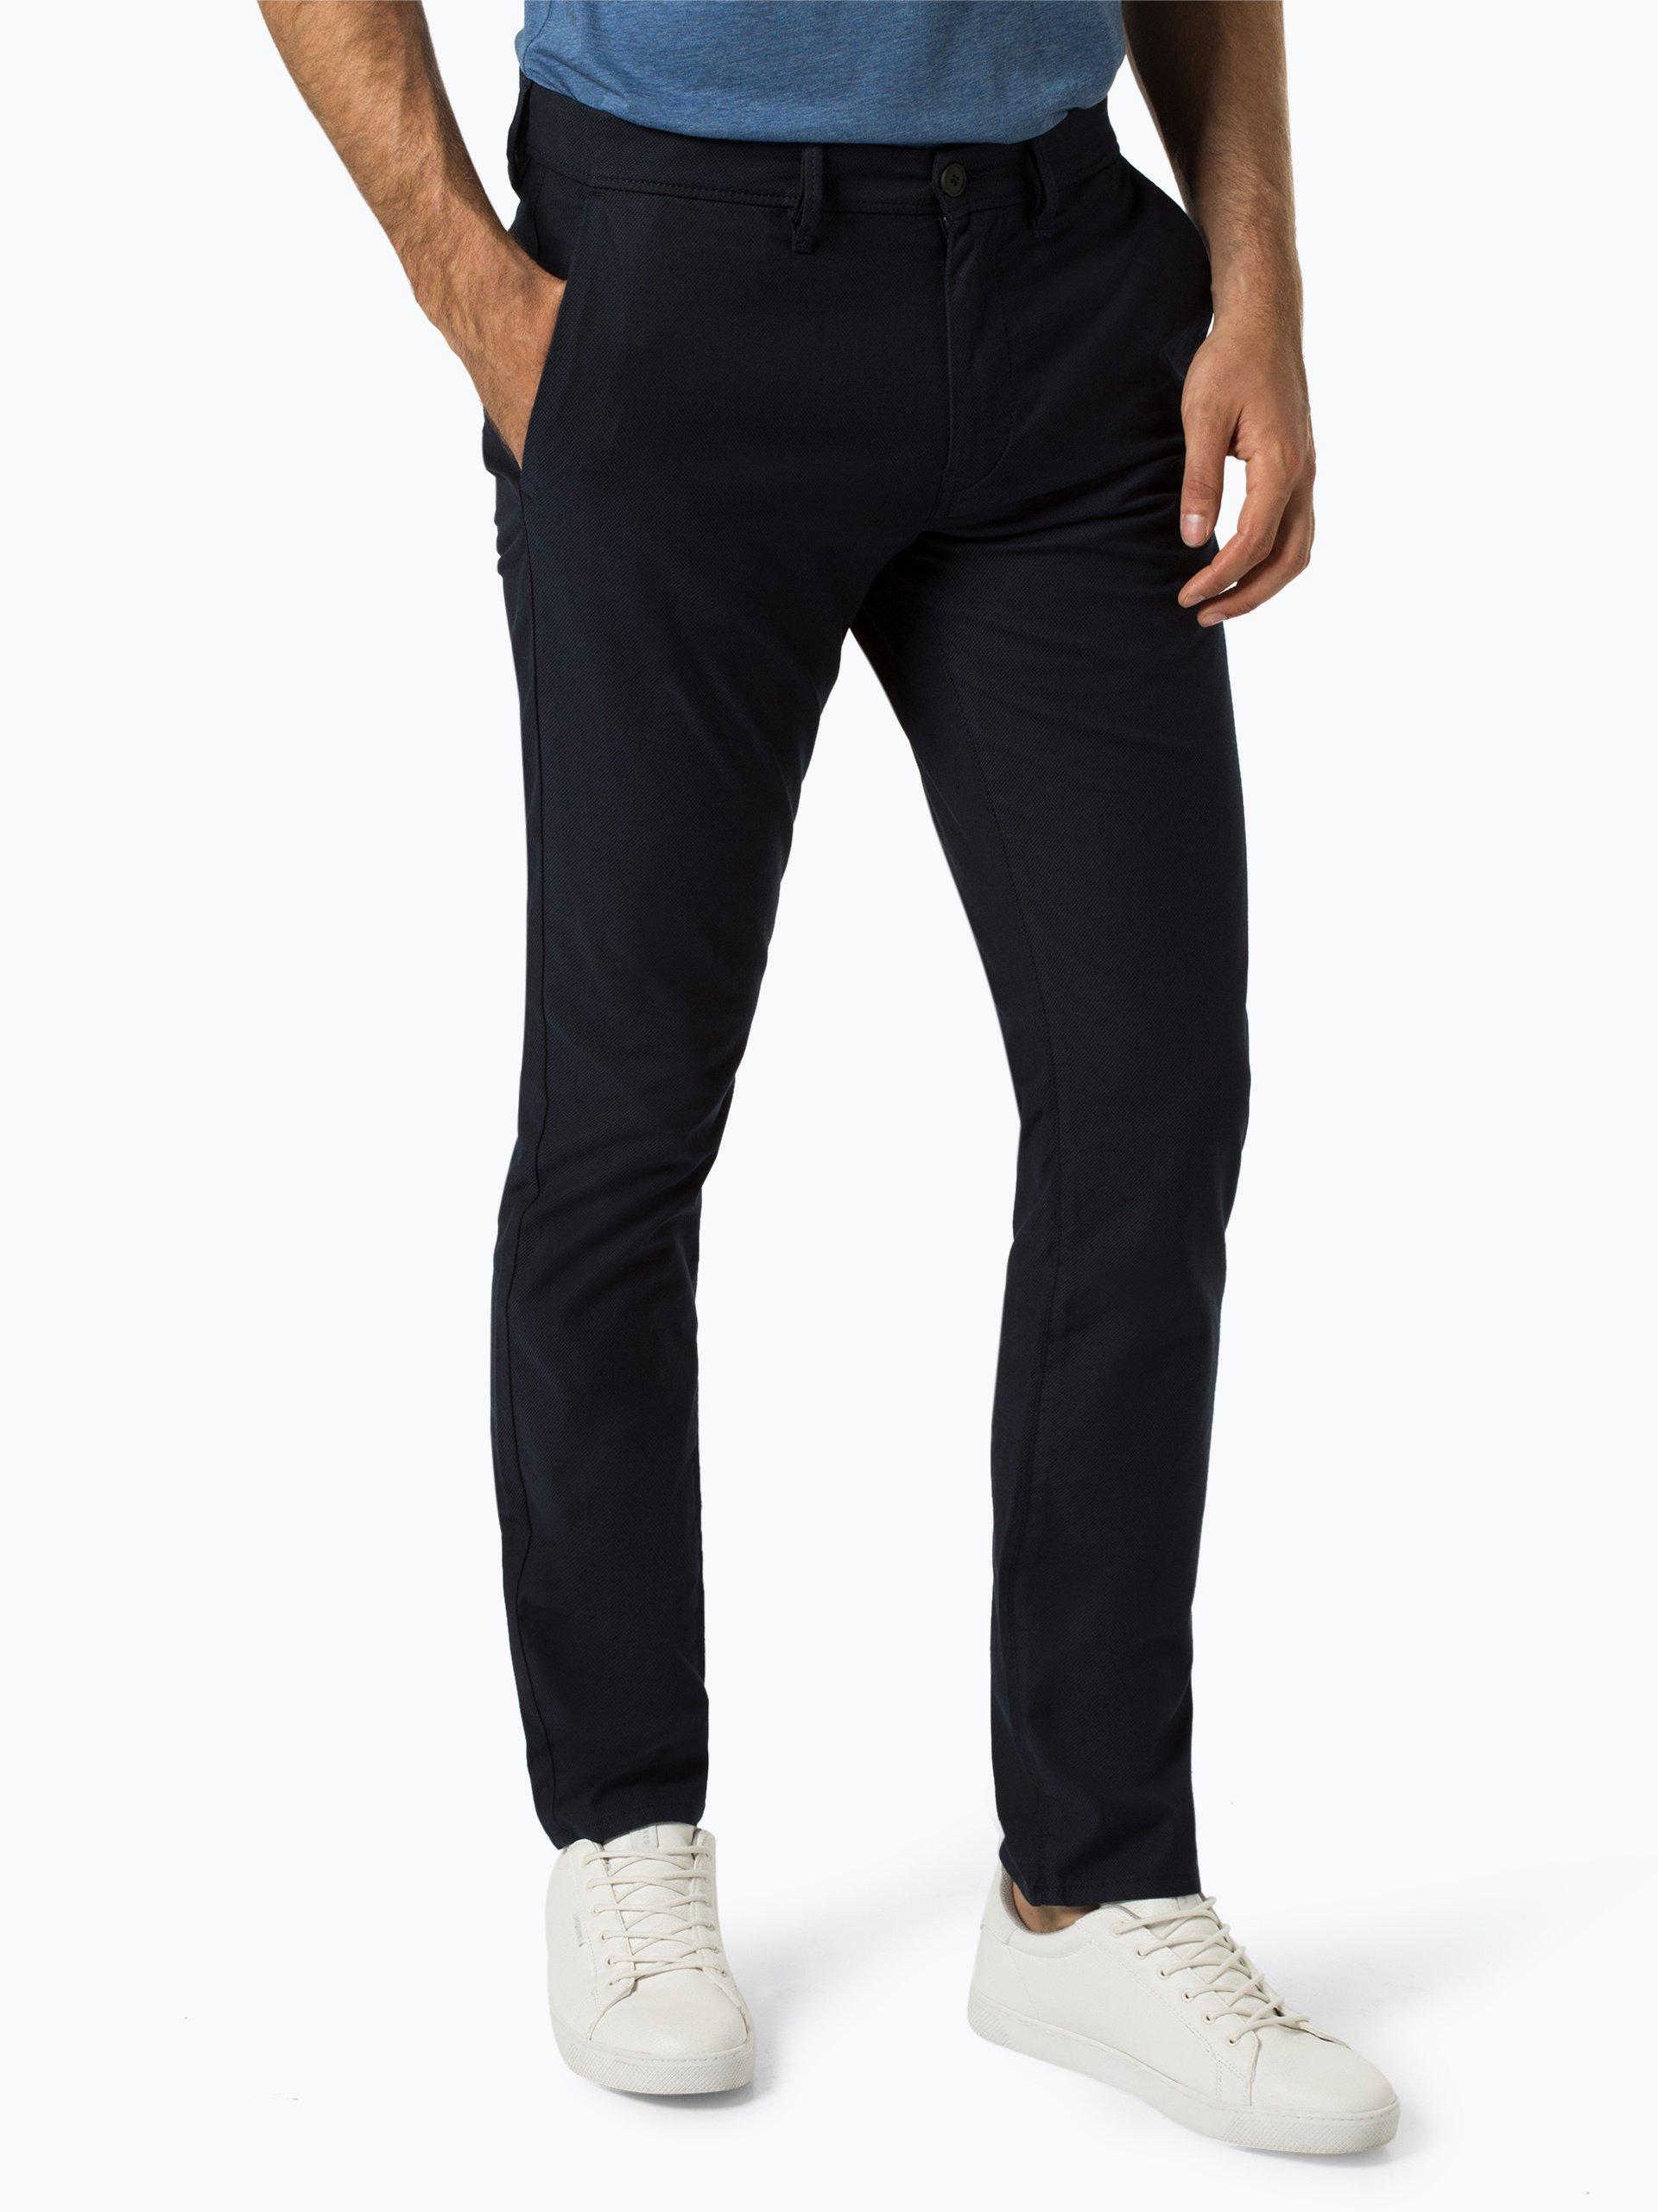 BOSS Casual Spodnie męskie – Schino-Modern